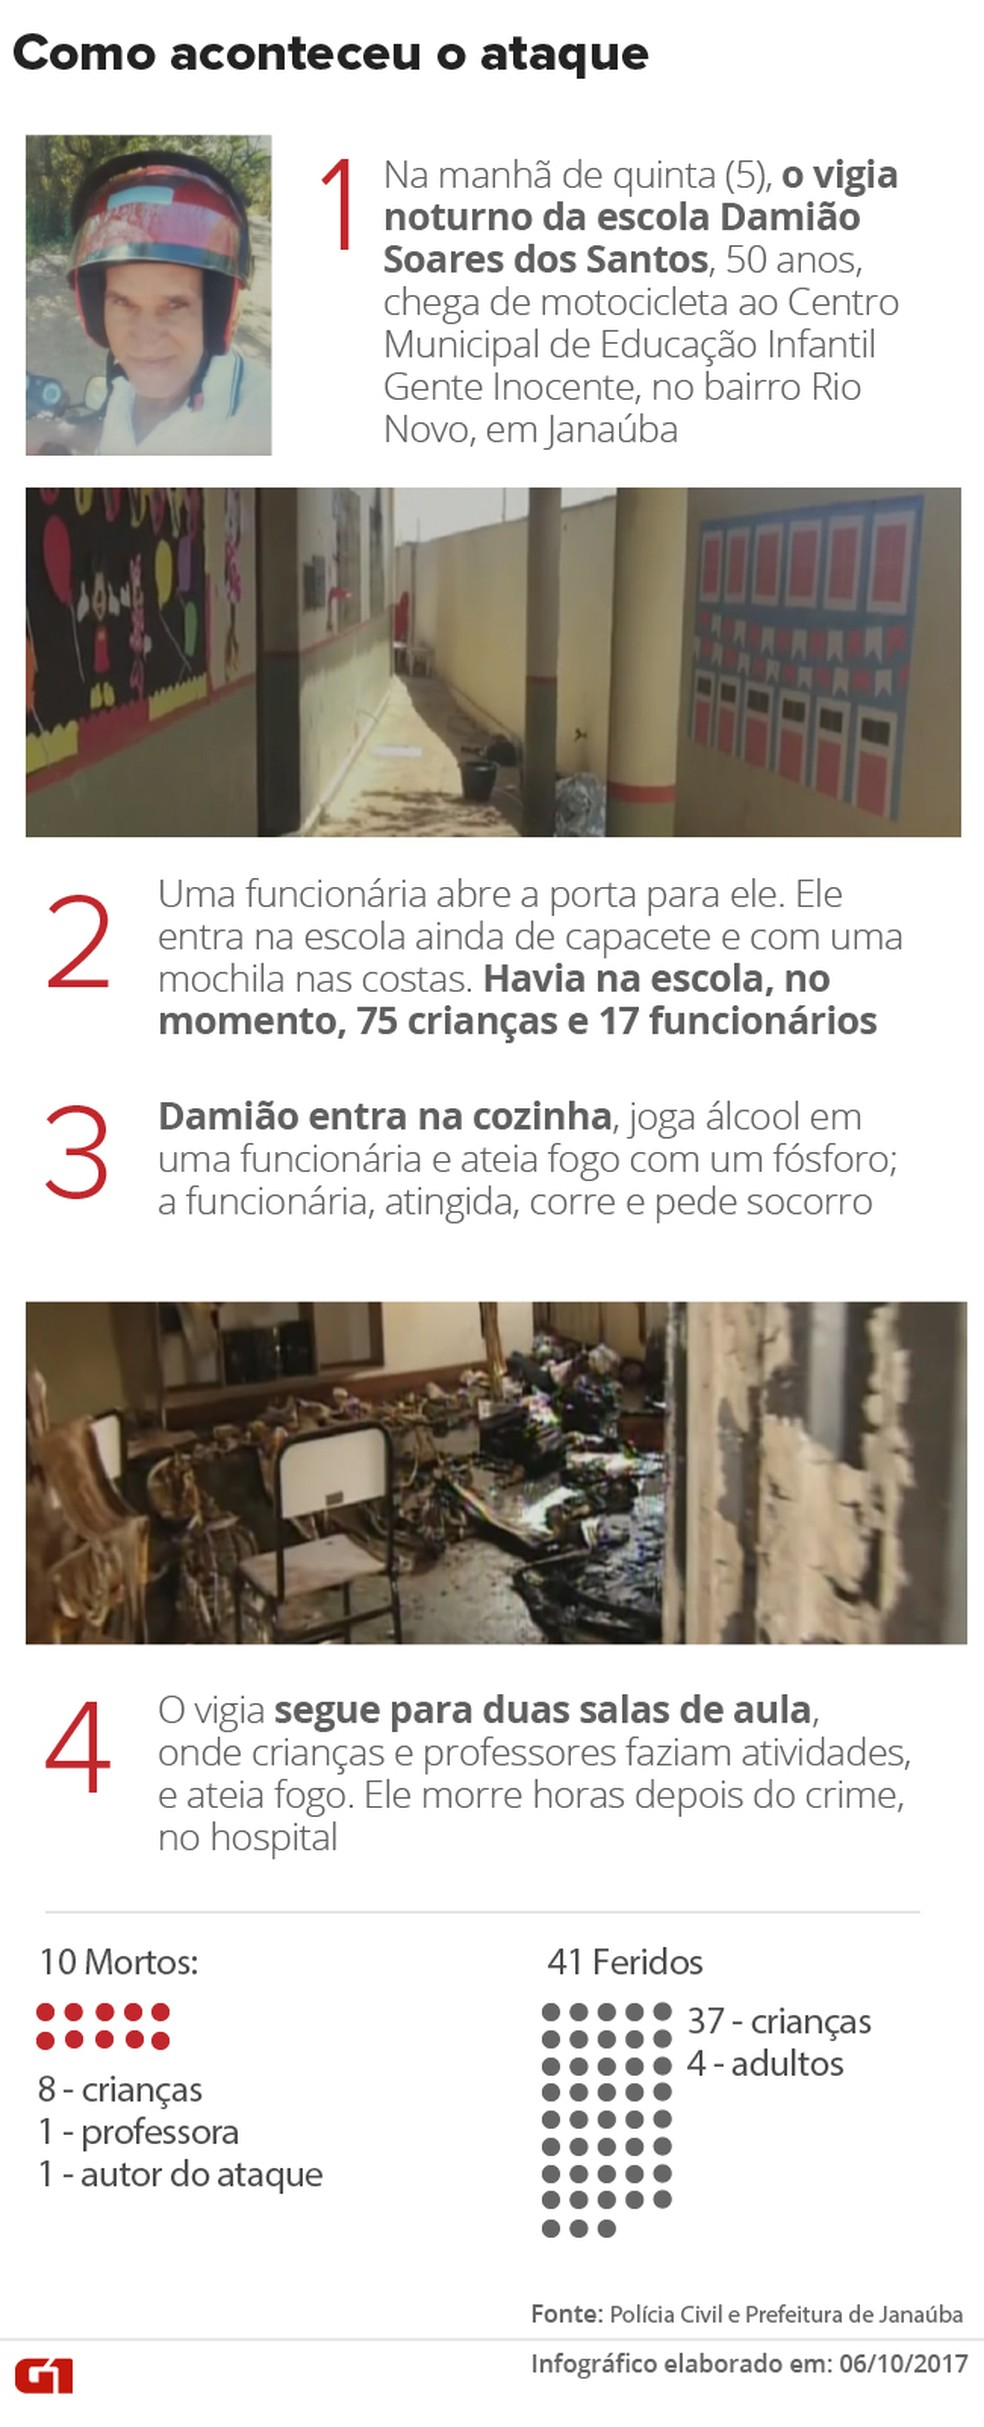 Infográfico sobre o ataque a uma creche em Janaúba/MG (Foto: Editoria de Arte/G1)